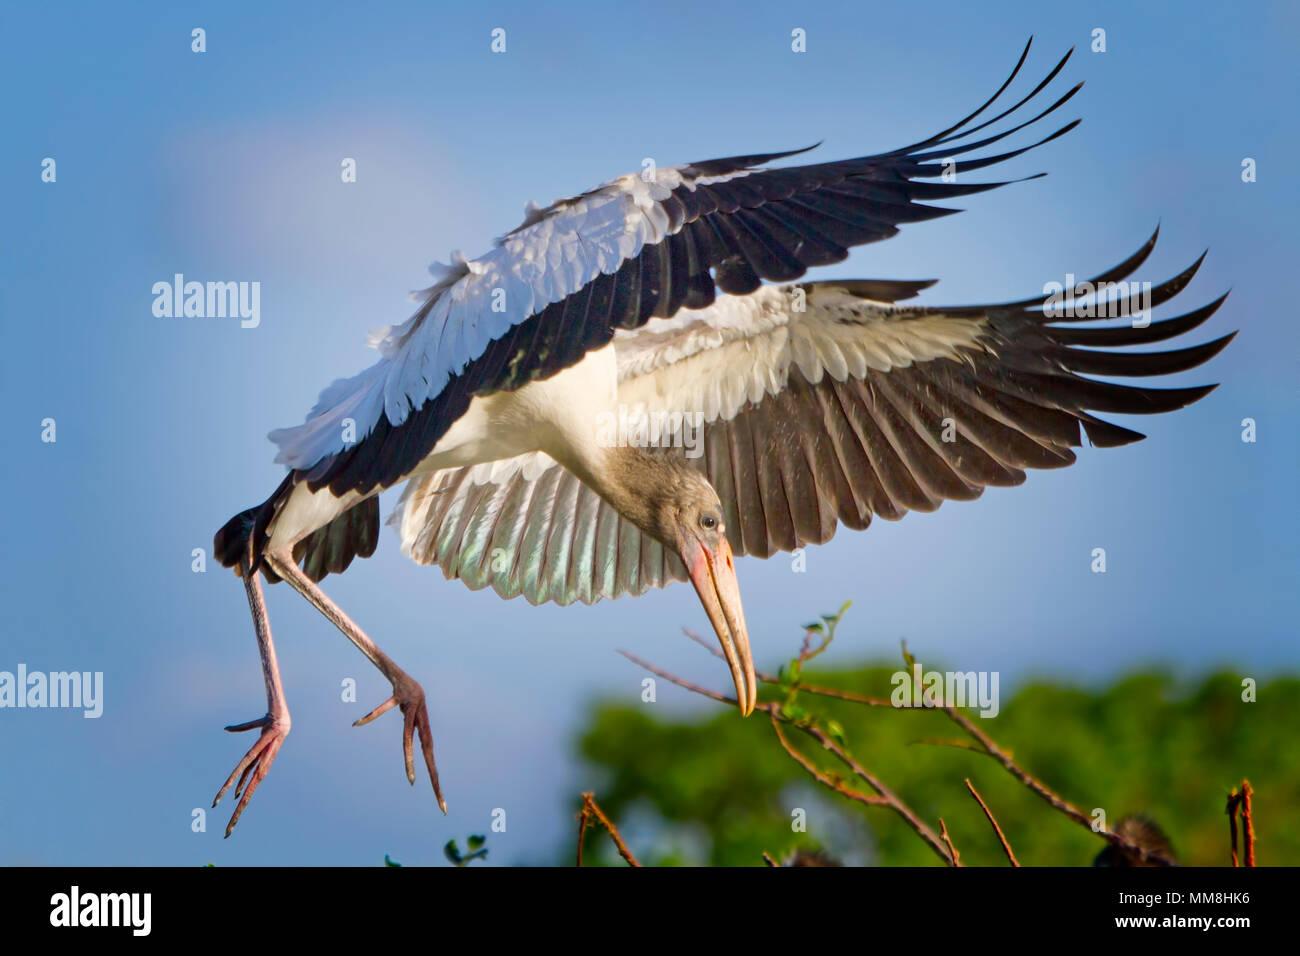 Ein junger Wald Storch kommt für eine perfekte Landung in Florida Everglades. Stockbild